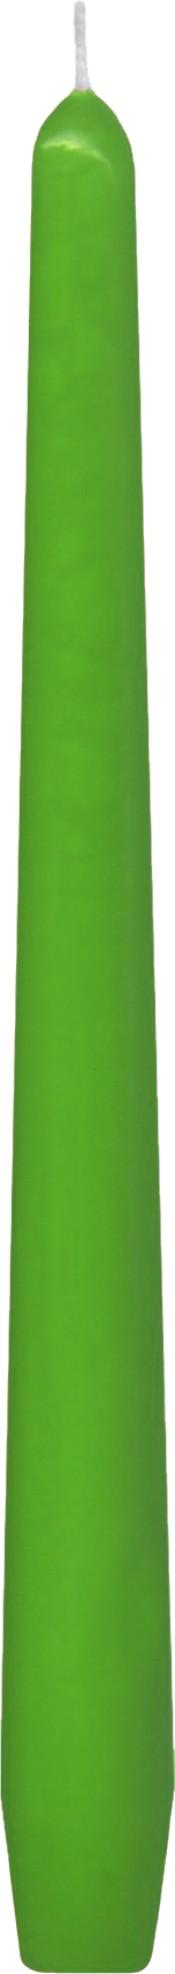 Svíčka kónická tmavě zelená 24,5 cm,